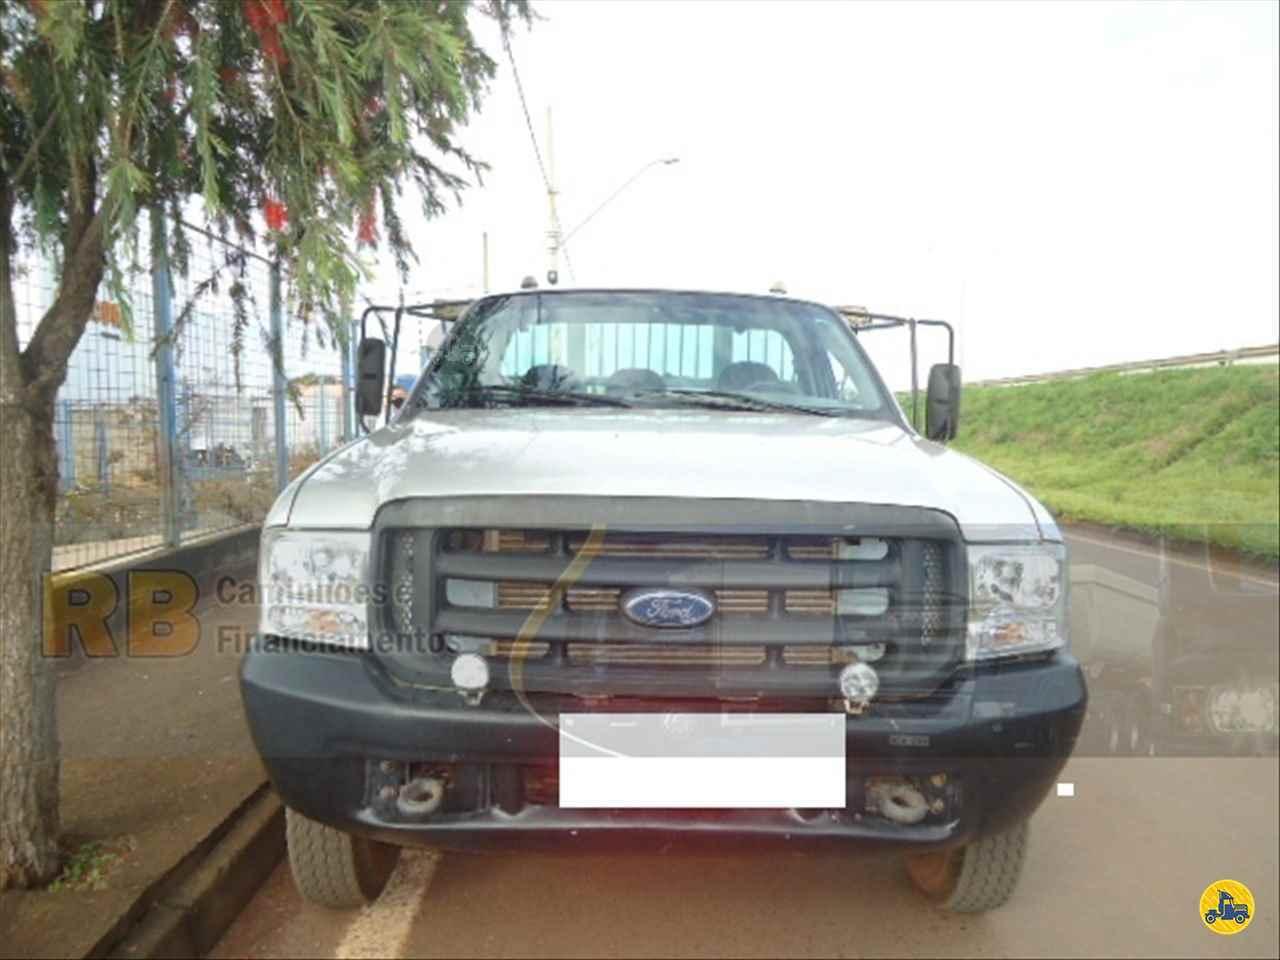 CAMINHAO FORD F4000 Carga Seca Toco 4x2 RB Caminhões & Financiamentos ARAGUARI MINAS GERAIS MG